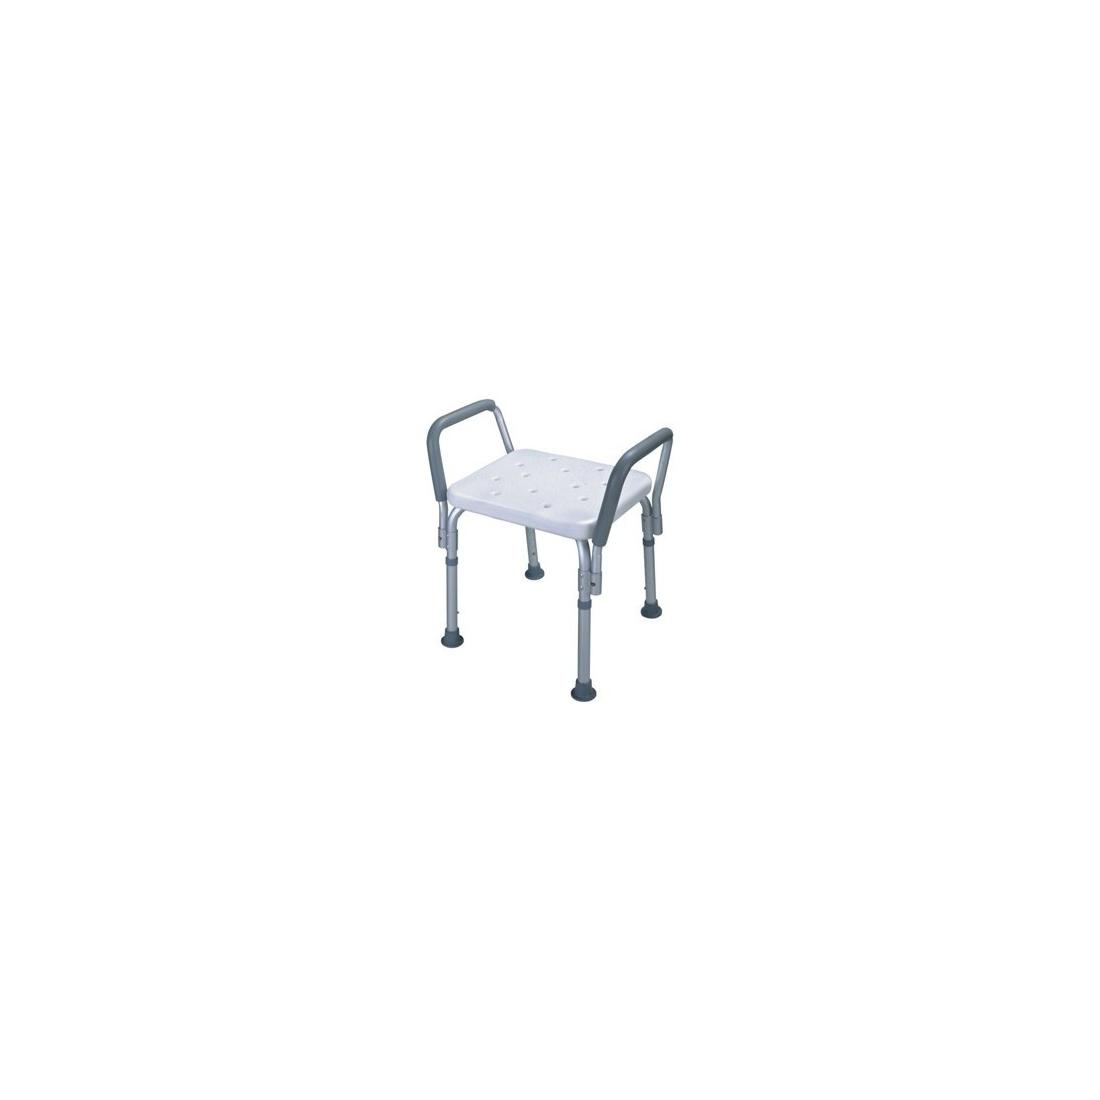 Silla Sin Respaldo Budm Prar Silla Baà O 120kg Sin Respaldo asientos De Aluminio Para Baà O